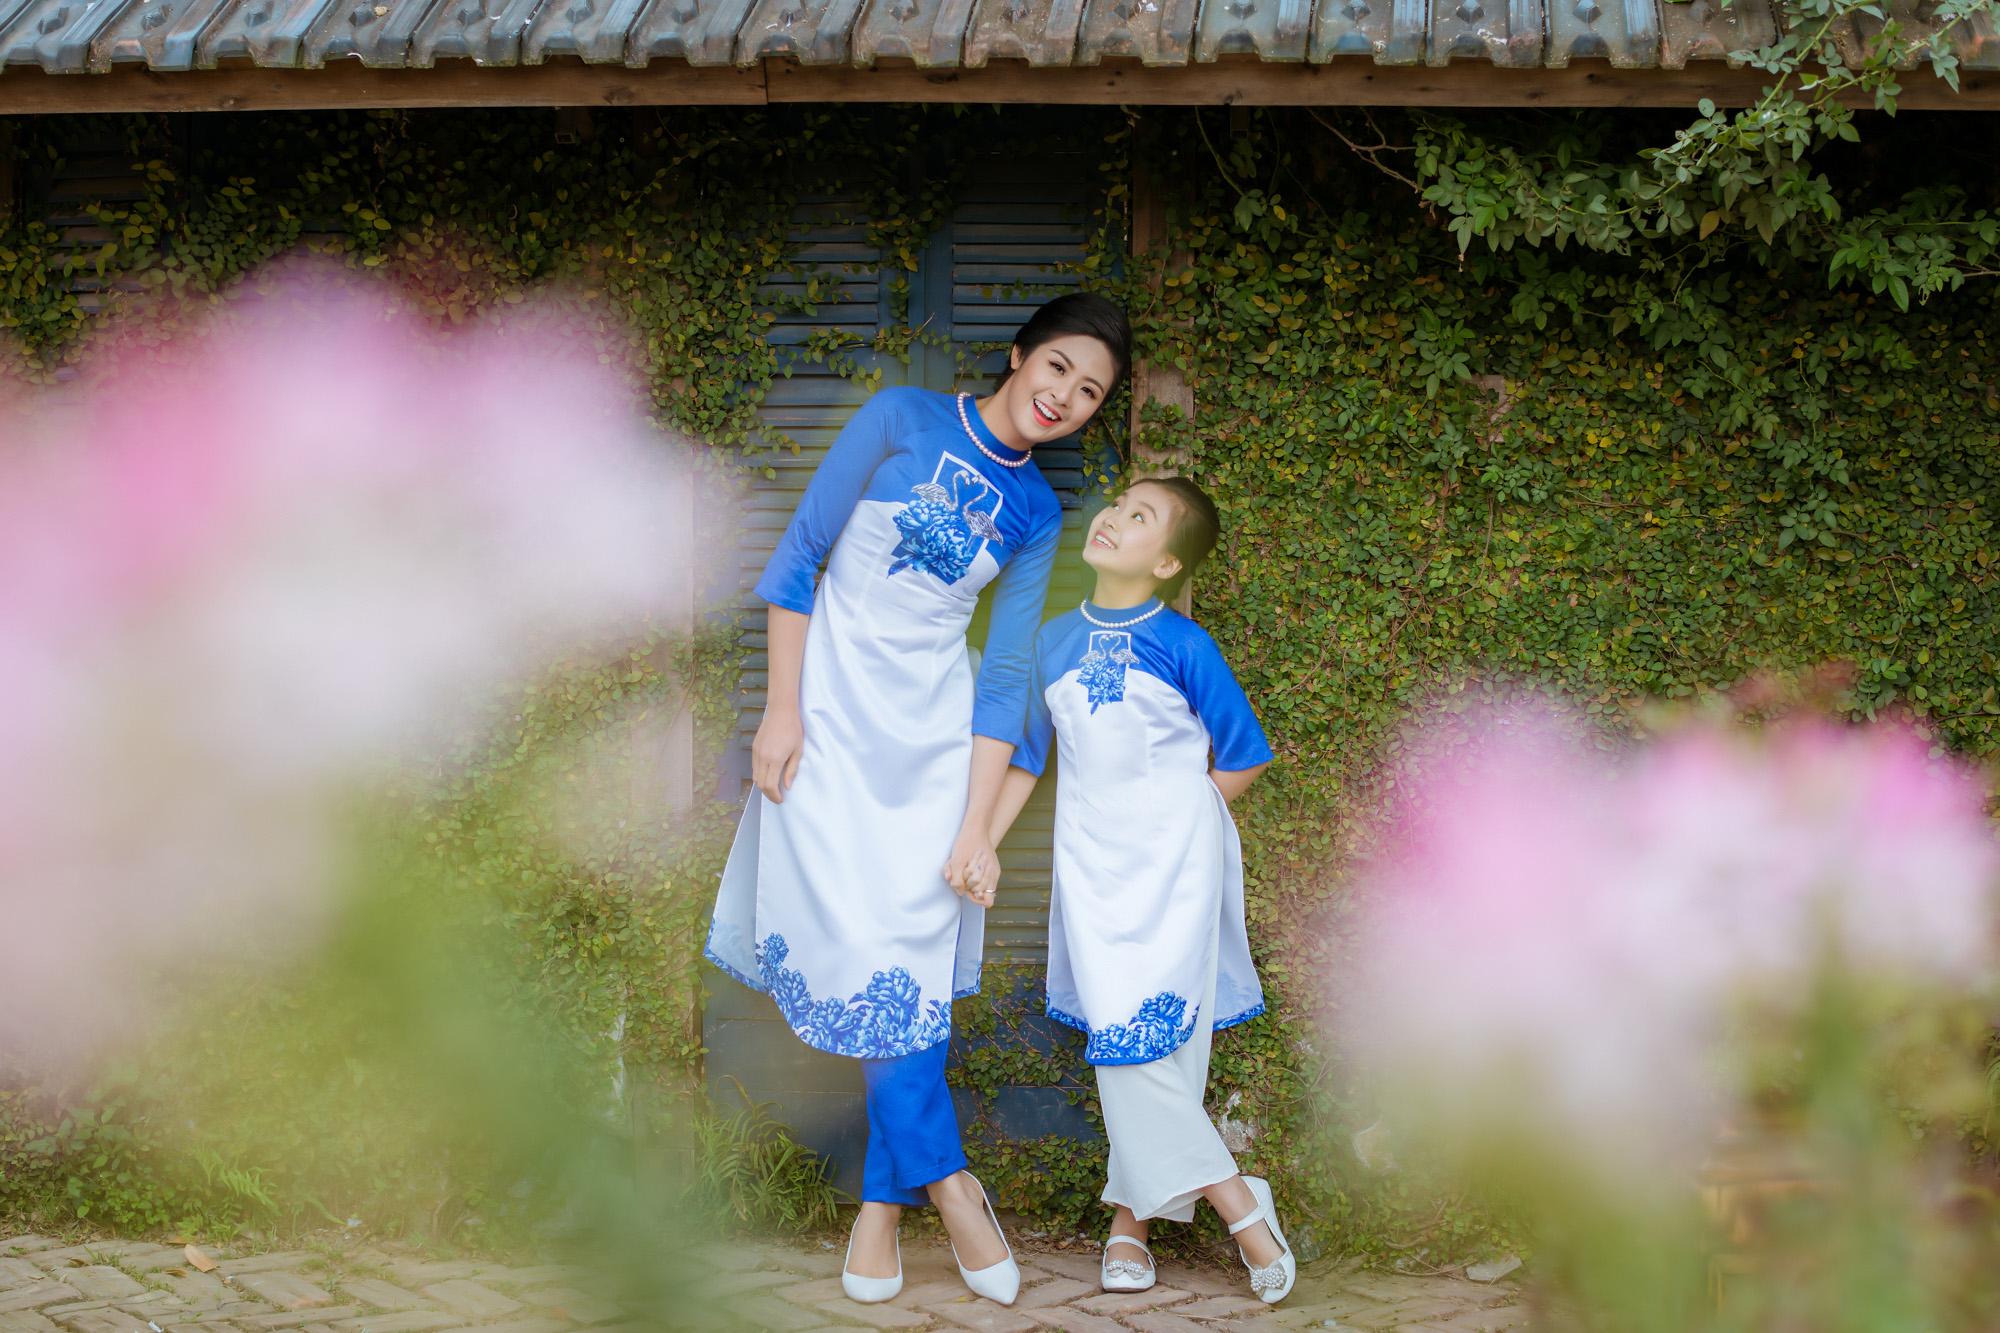 Ngọc Hân cùng con gái nuôi diện áo dài đôi tại Lễ hội áo dài 2016 3